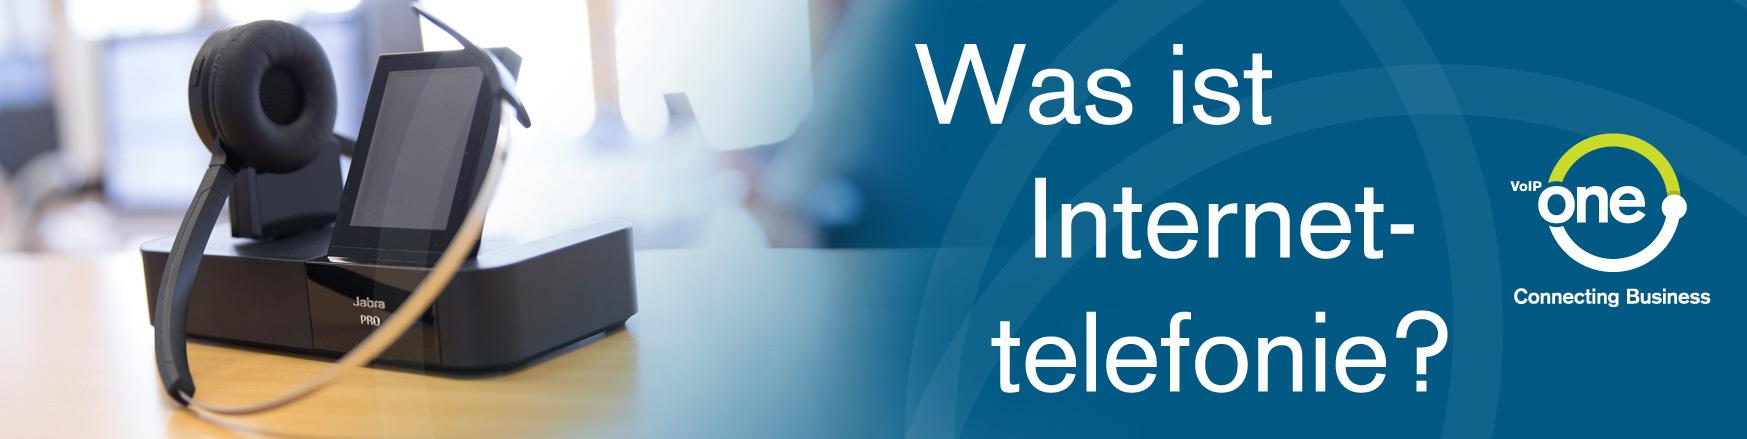 VoIP-Einführung - Internettelefonie